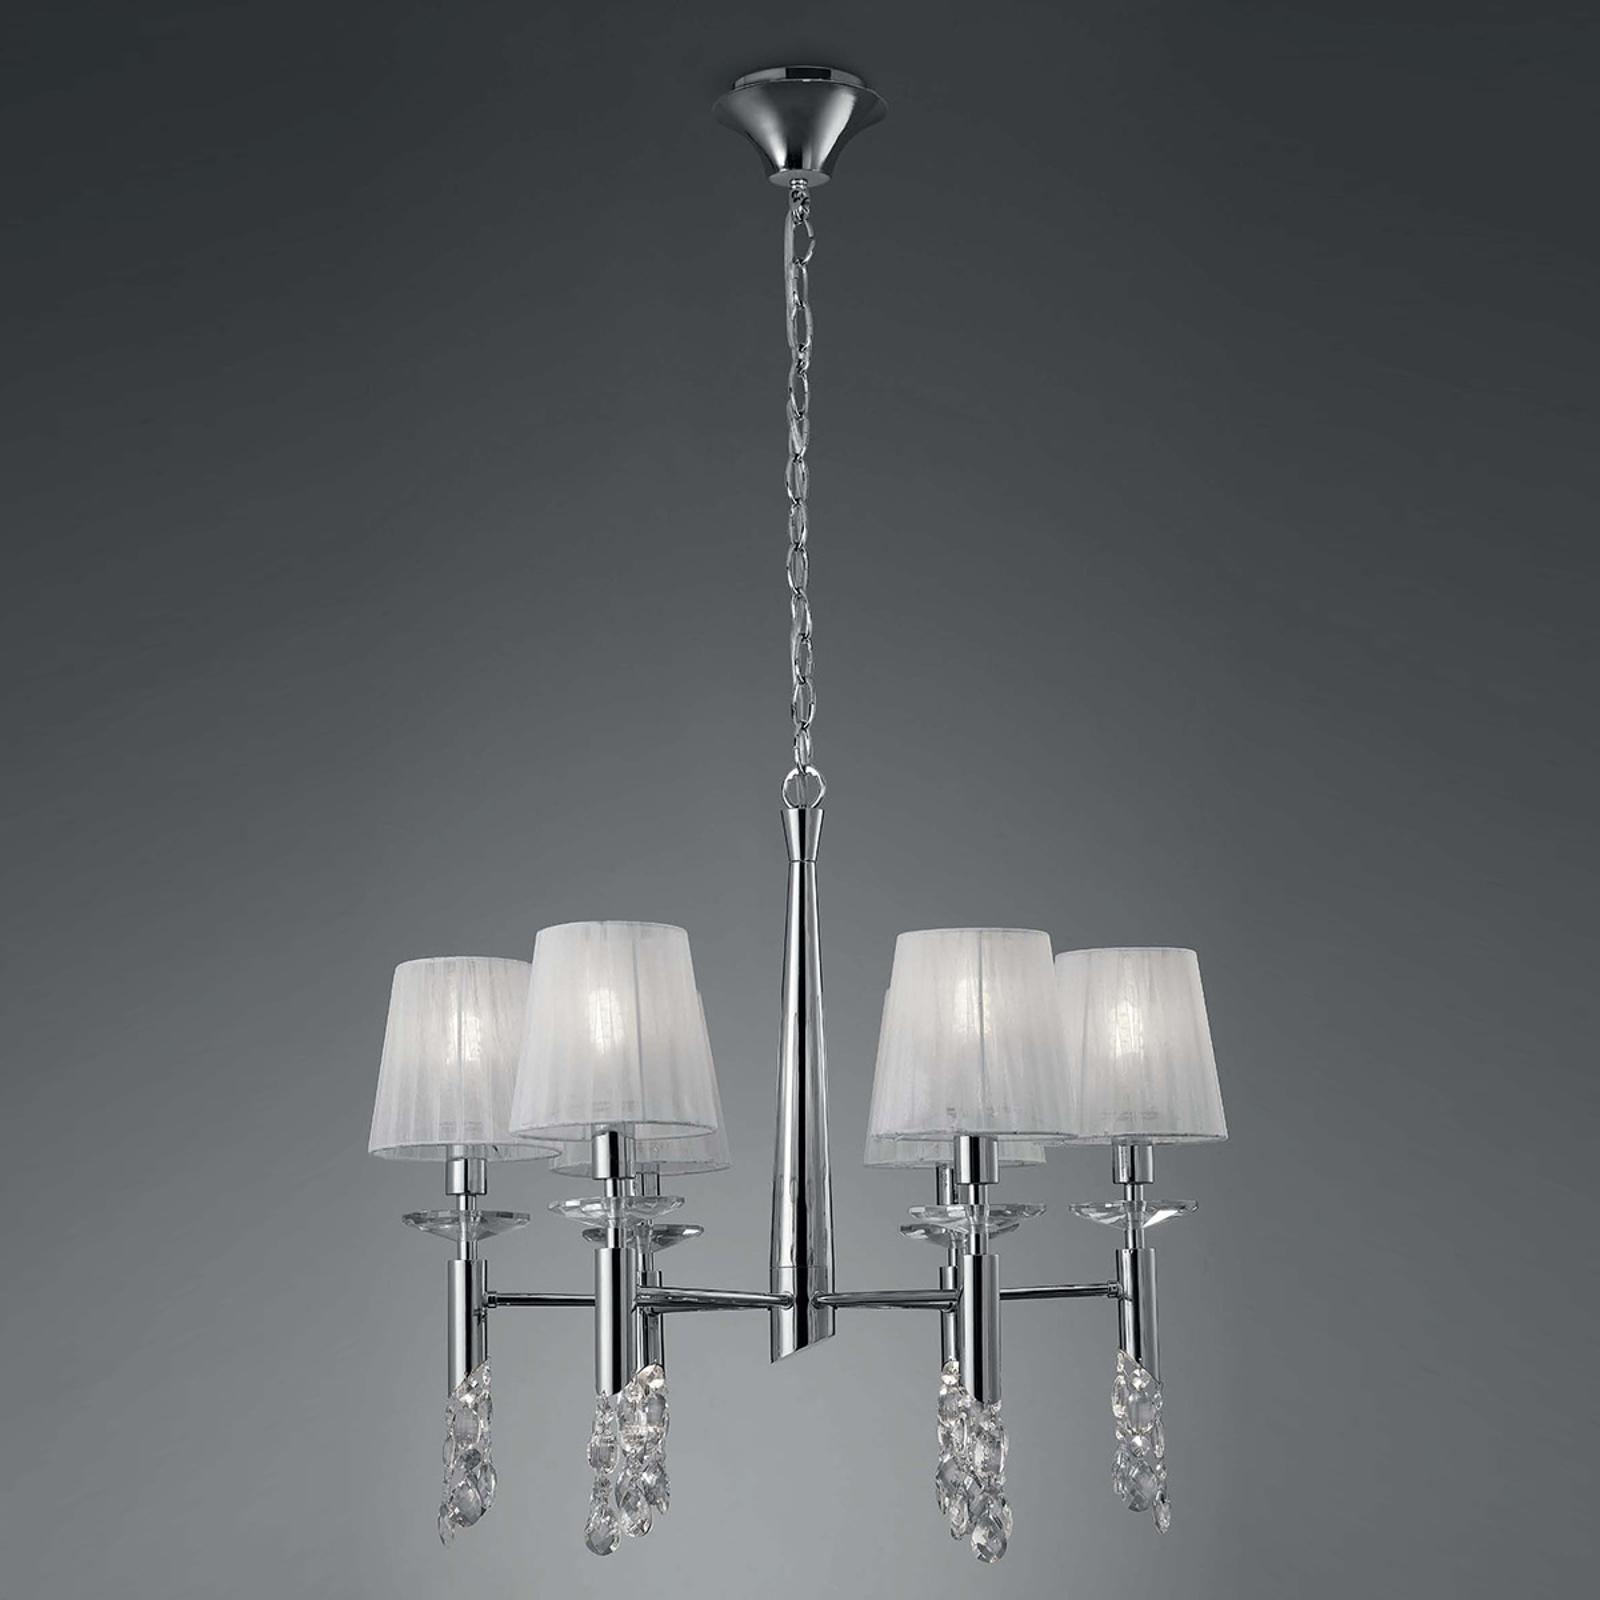 Lámpara de araña Lilja de 6 luces